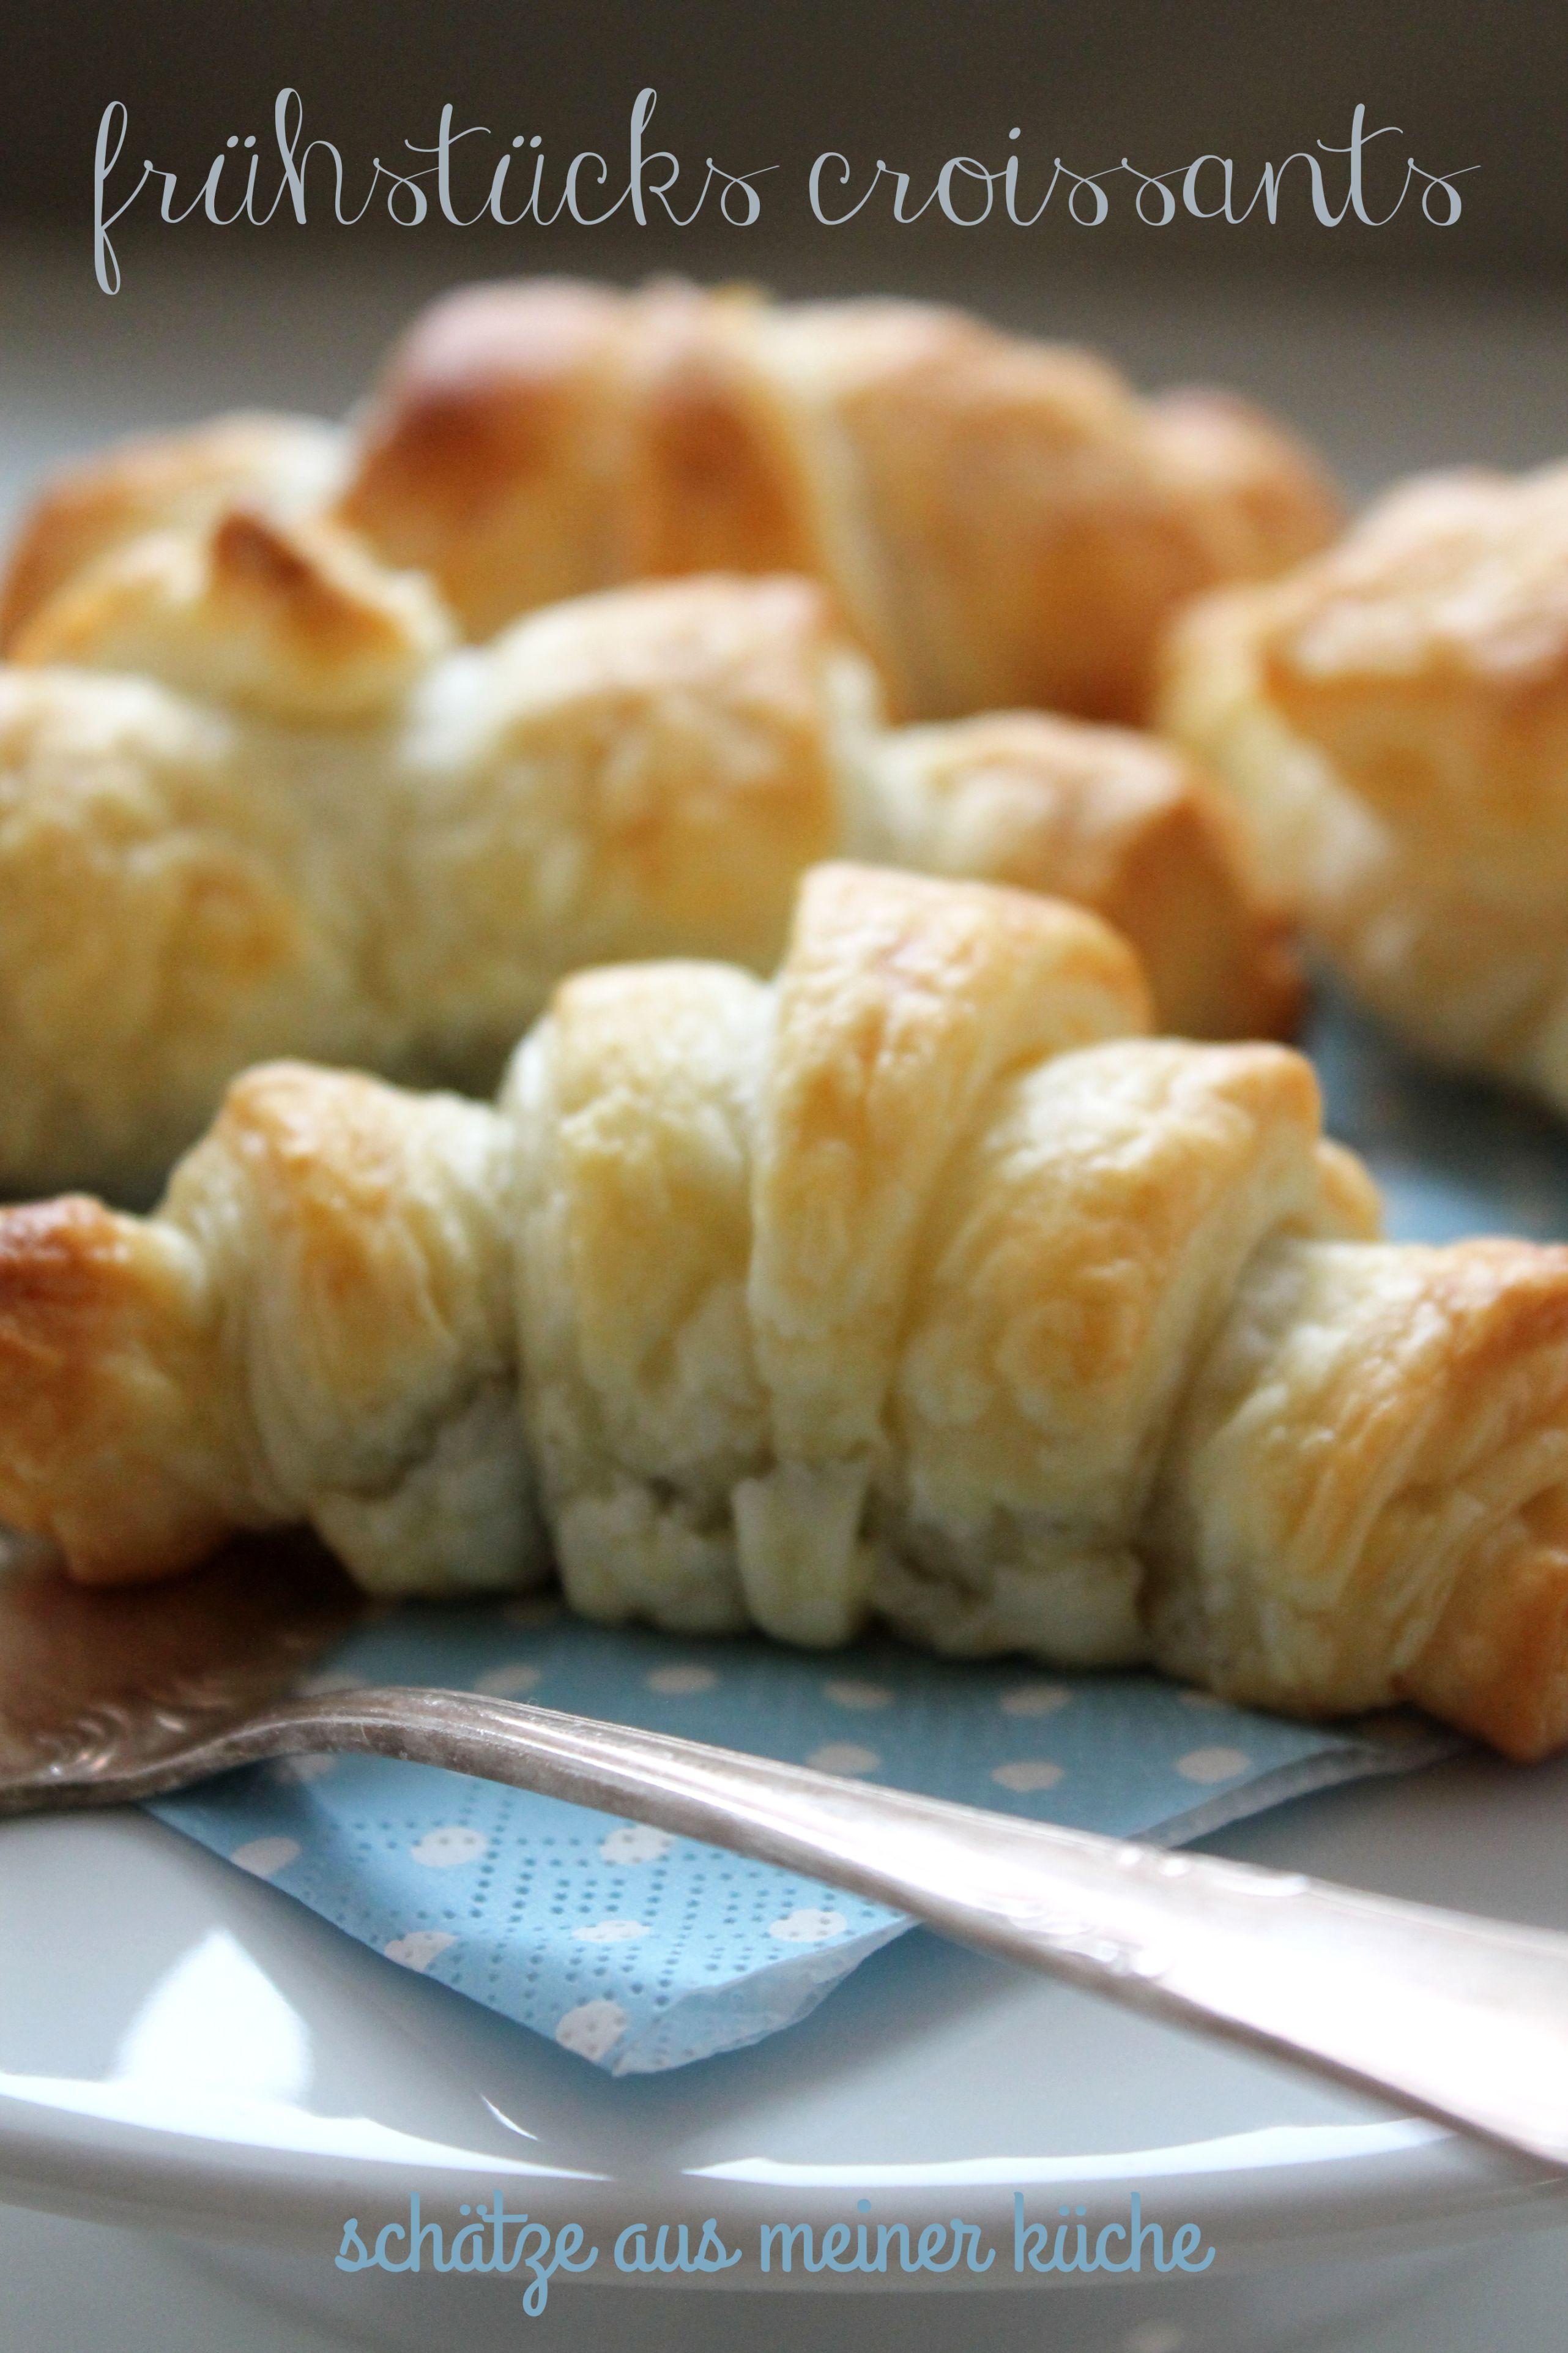 frische croissants zum fr hst ck sch tze aus meiner k che. Black Bedroom Furniture Sets. Home Design Ideas